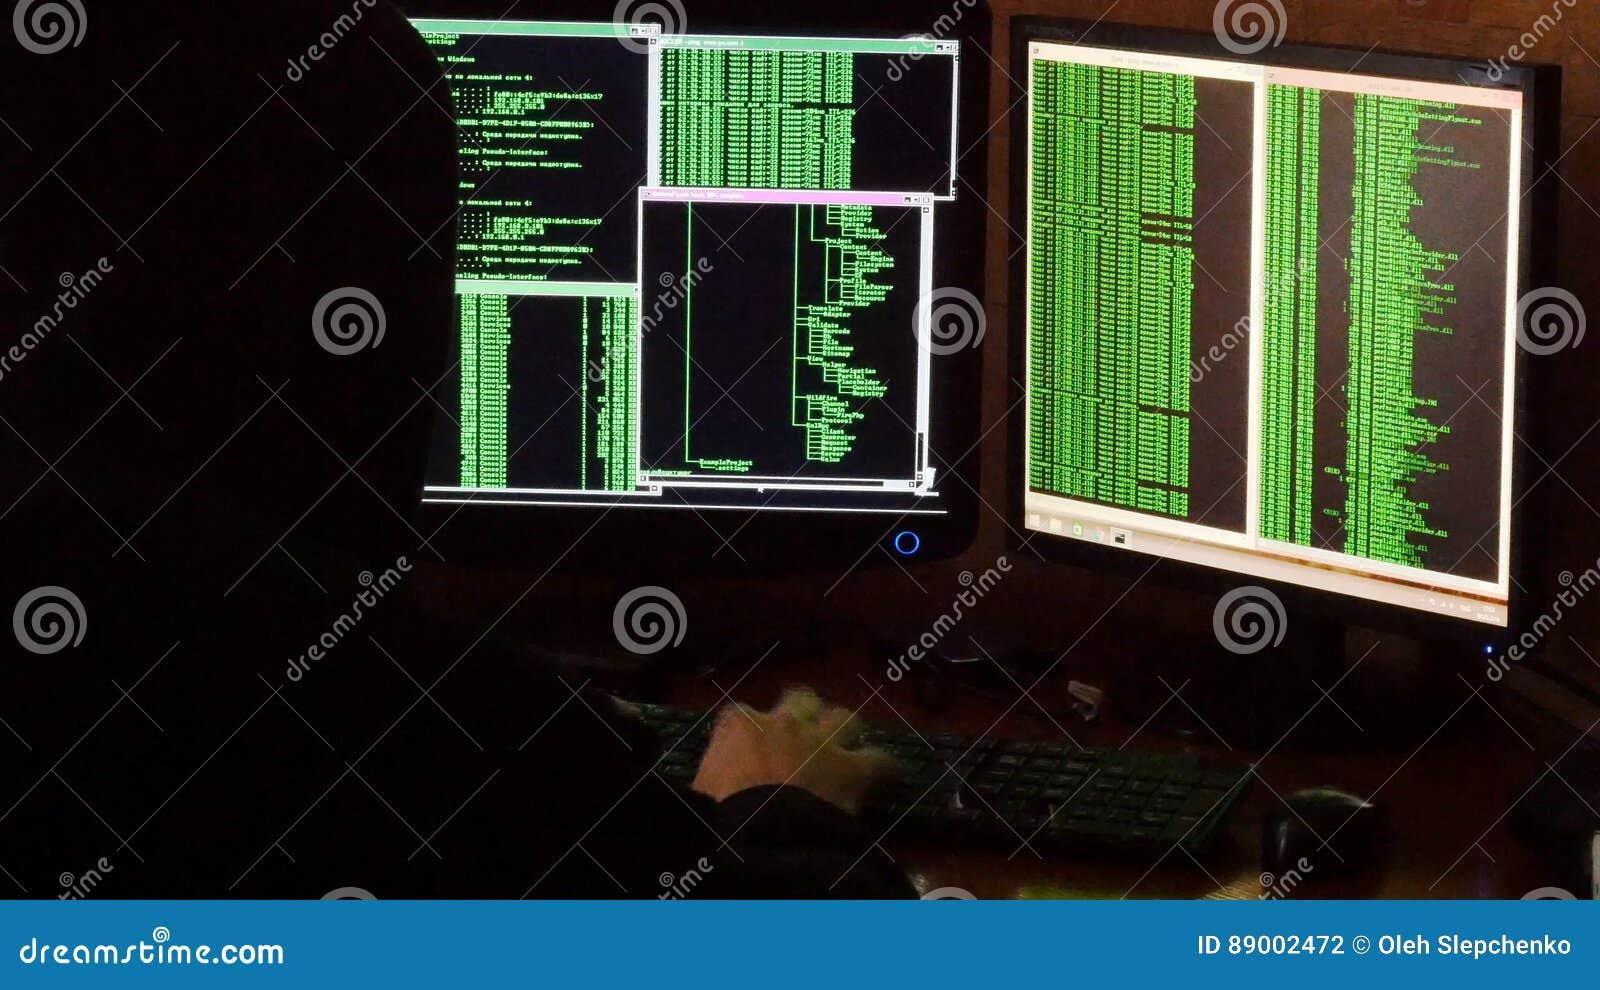 Σπάζοντας κώδικας χάκερ Εγκληματικός χάκερ με το μαύρο σύστημα δικτύων κουκουλών διαπερνώντας από το σκοτεινό δωμάτιο χάκερ του